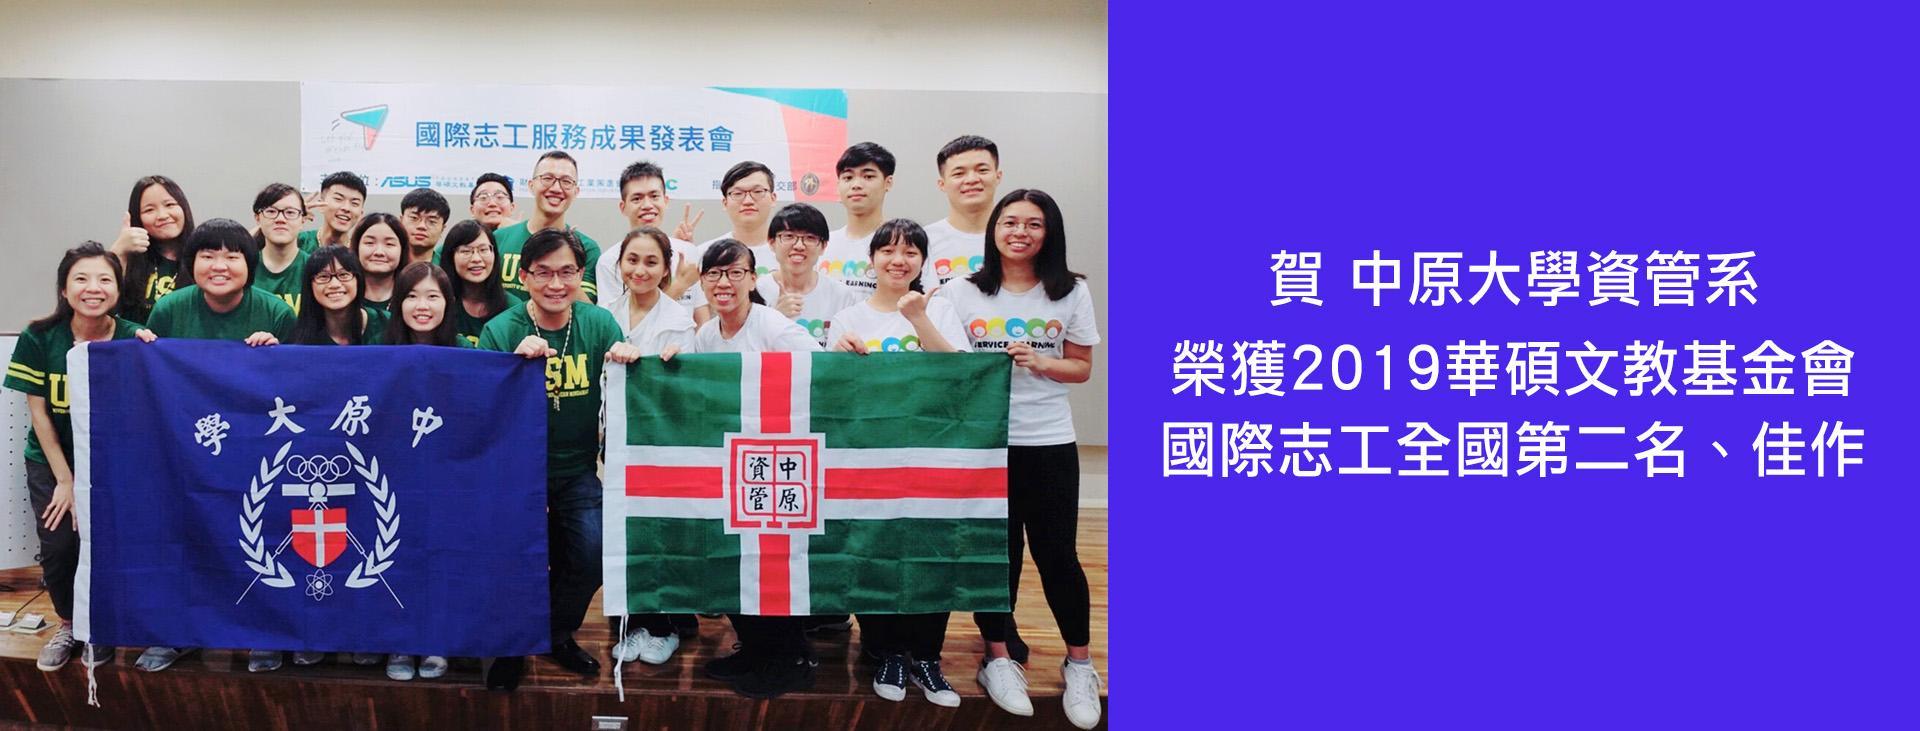 中原大學資管系 榮獲2019華碩文教基金會國際志工 全國第二名、佳作